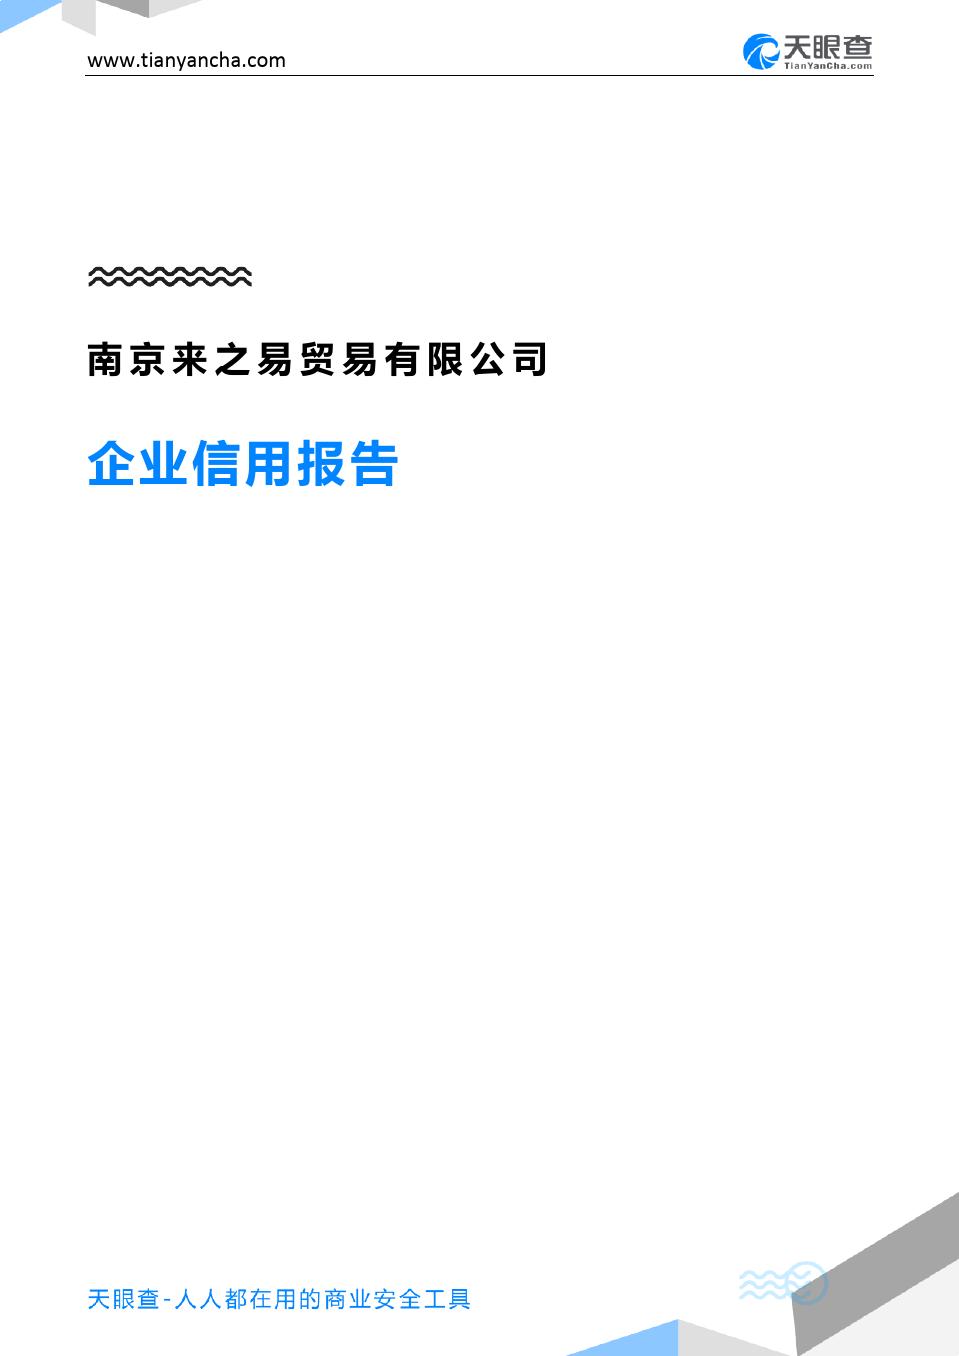 南京來之易貿易有限公司(企業信用報告)- 天眼查